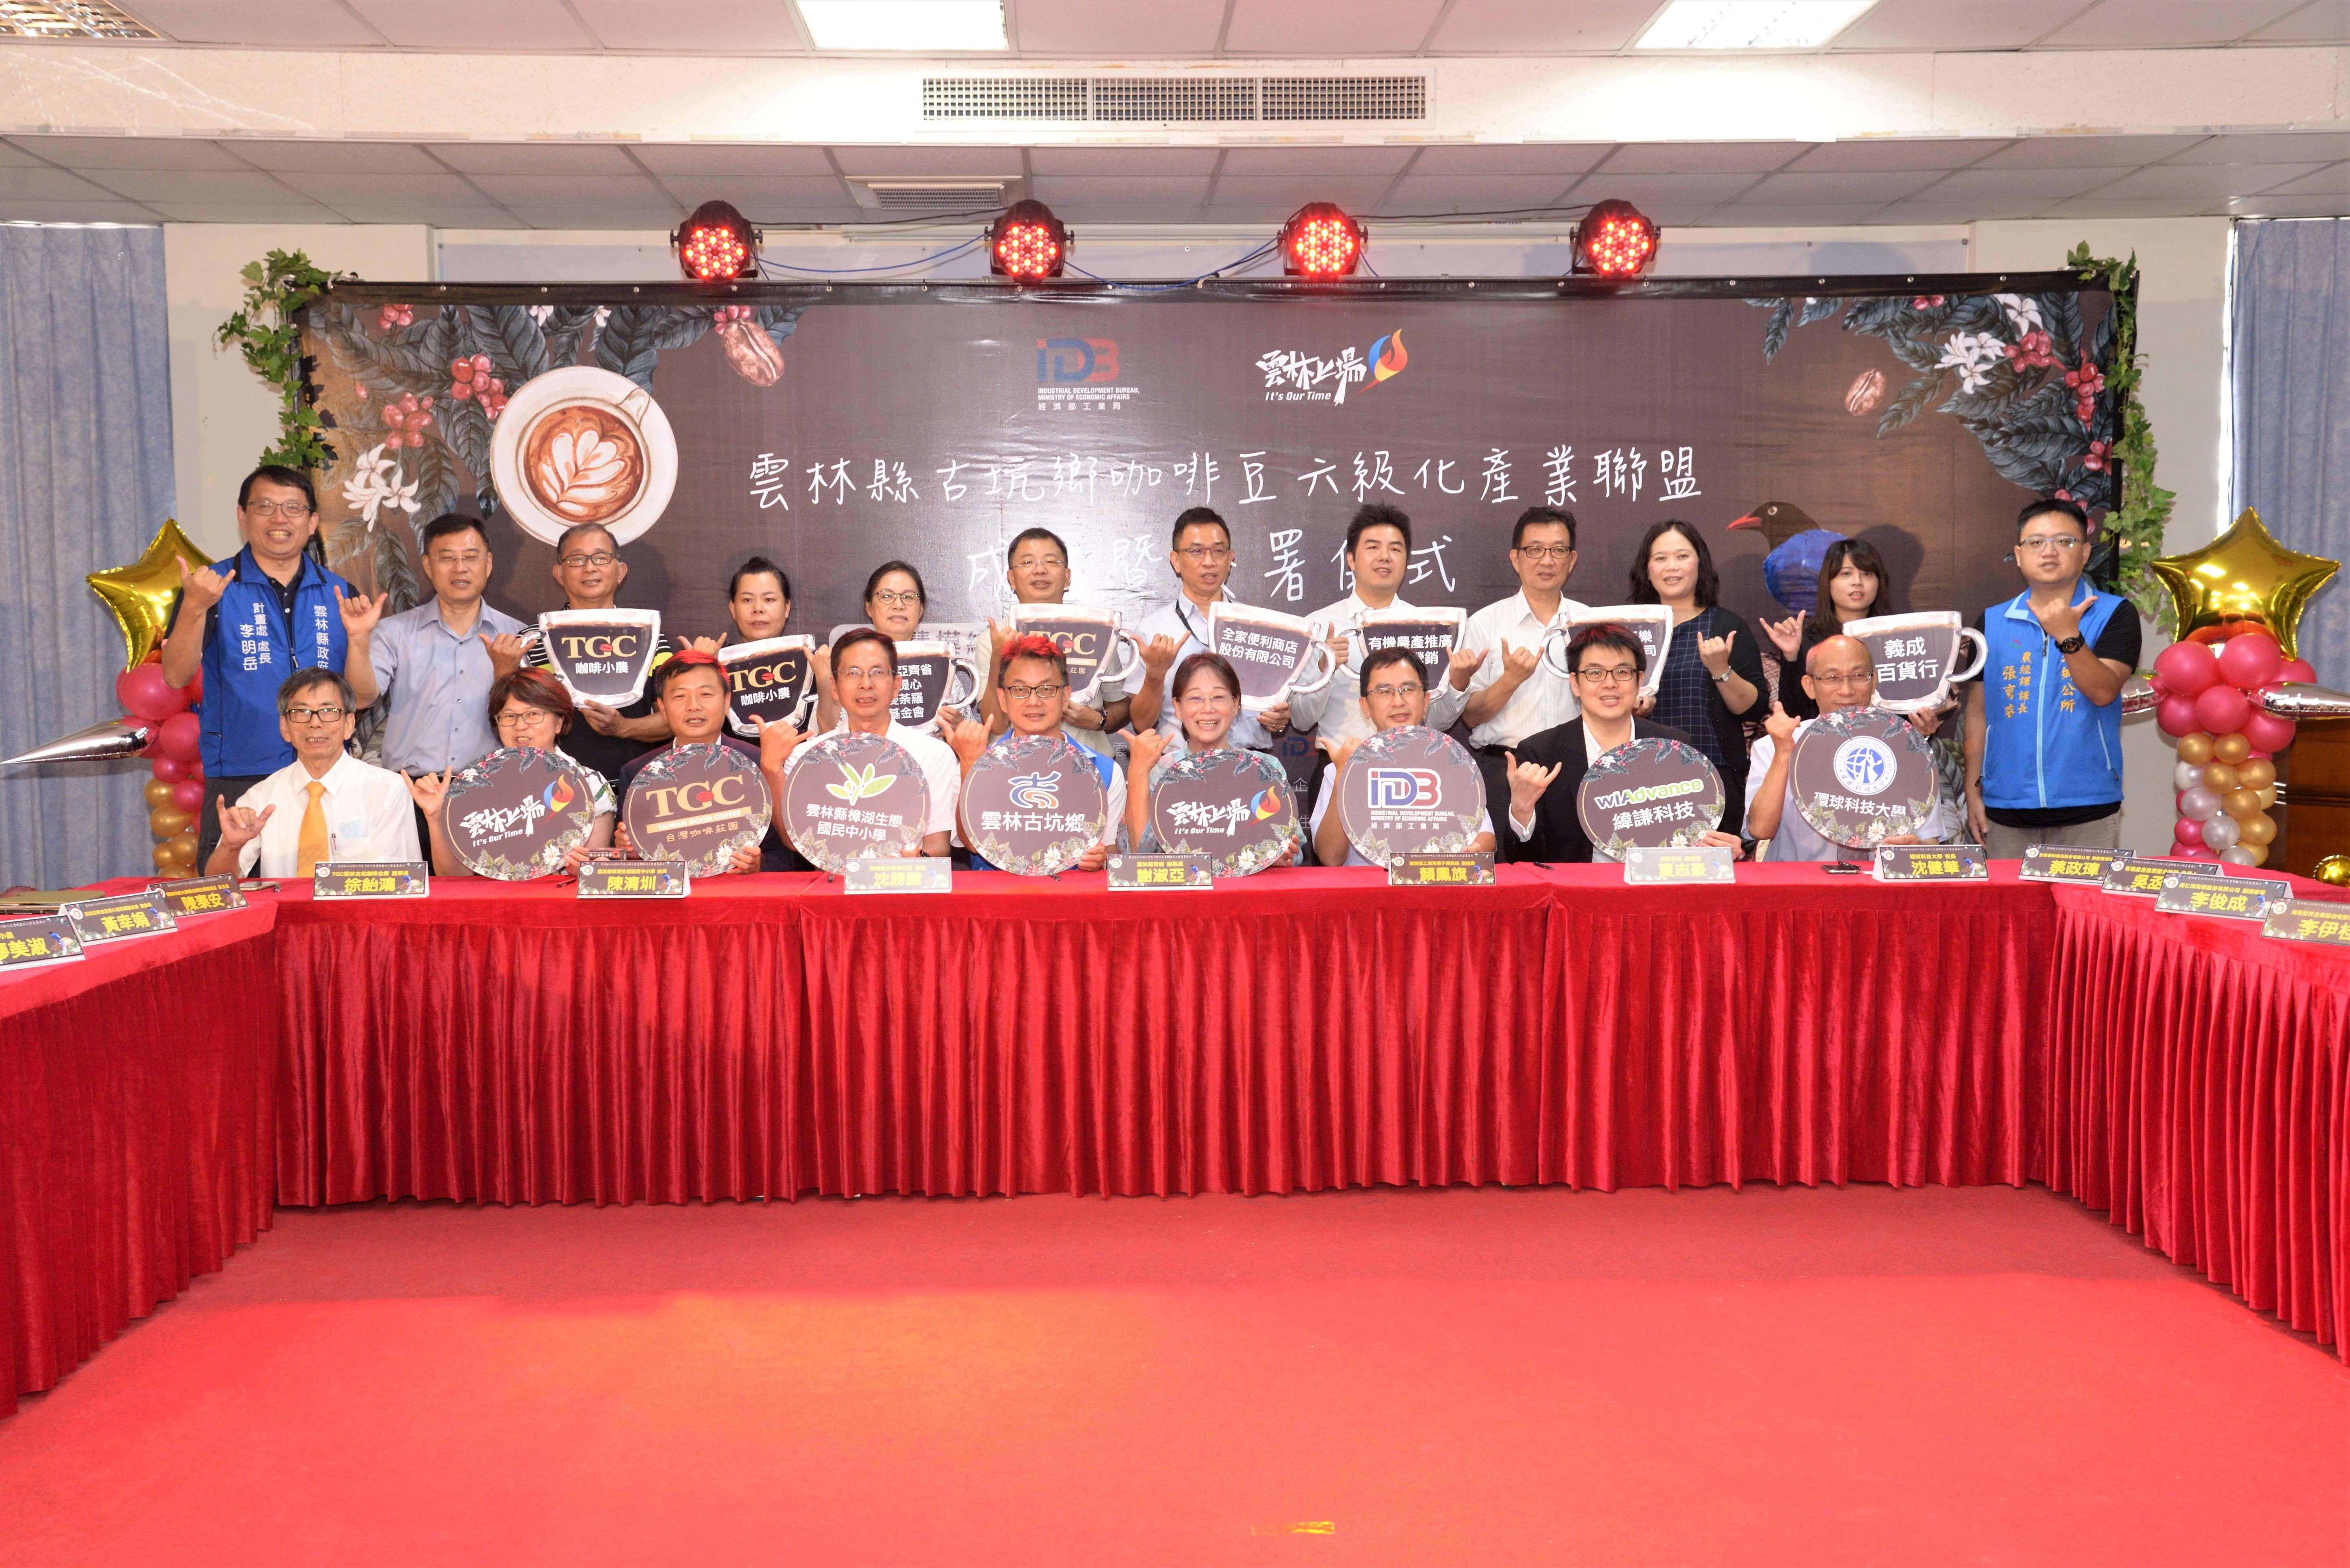 雲林縣古坑鄉咖啡豆六級化產業聯盟成立暨簽署儀式 17日於雲林縣工商投資策進會會議室舉行